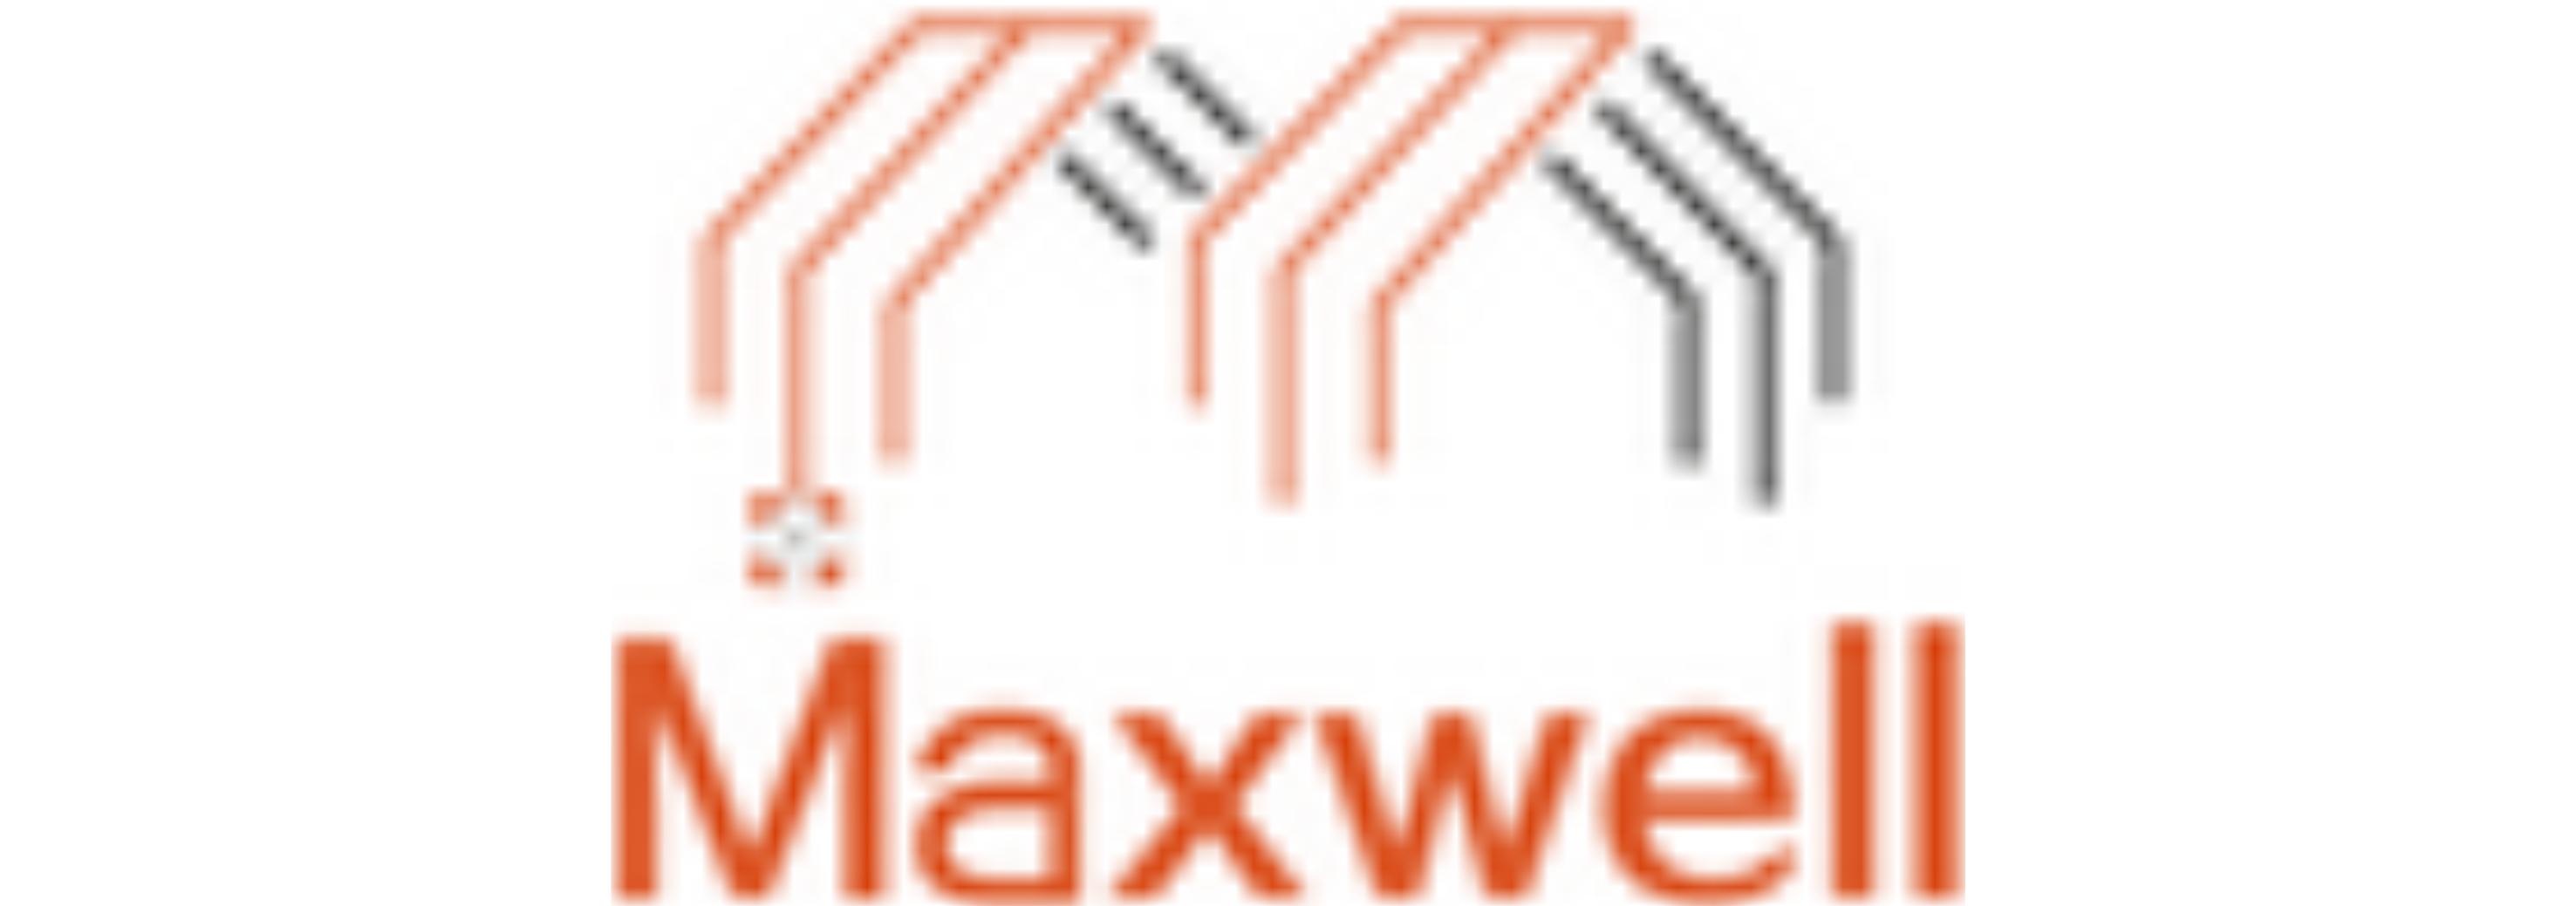 舟山麦克斯韦物联网科技有限公司-深圳物联网展会